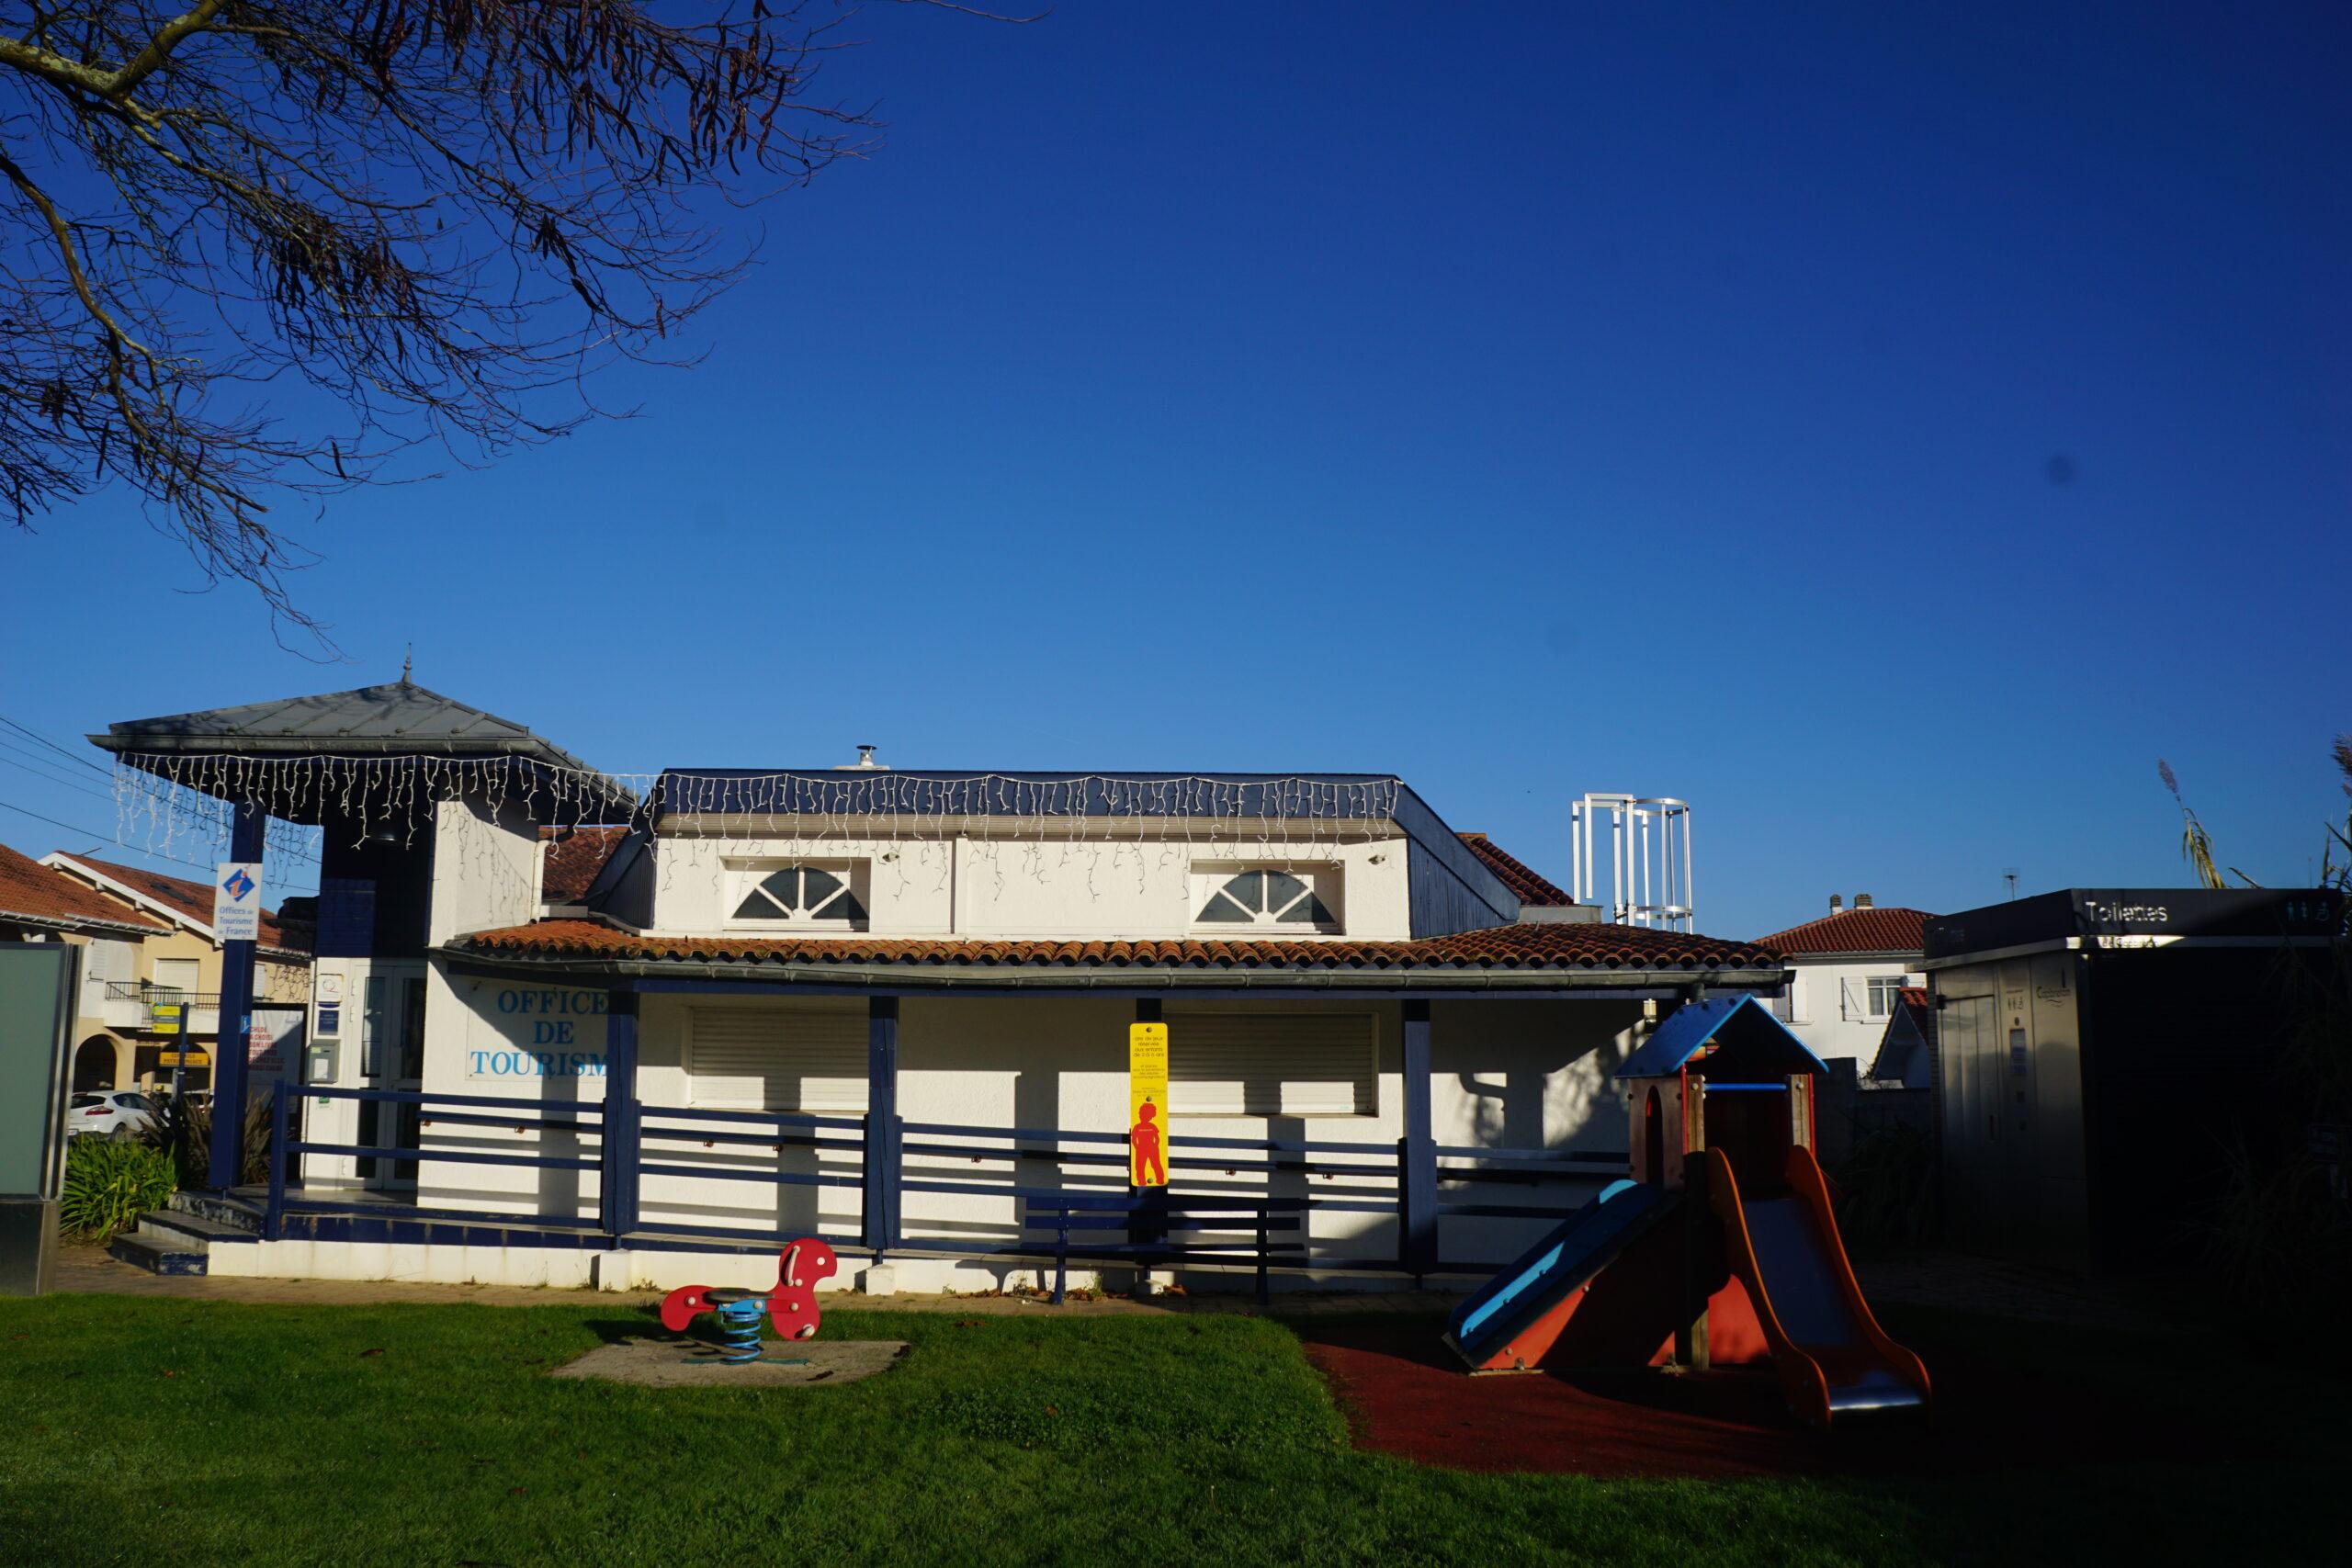 Photographie d'une aire de jeux pour enfants vide. Le ciel est bleu et dégagé.